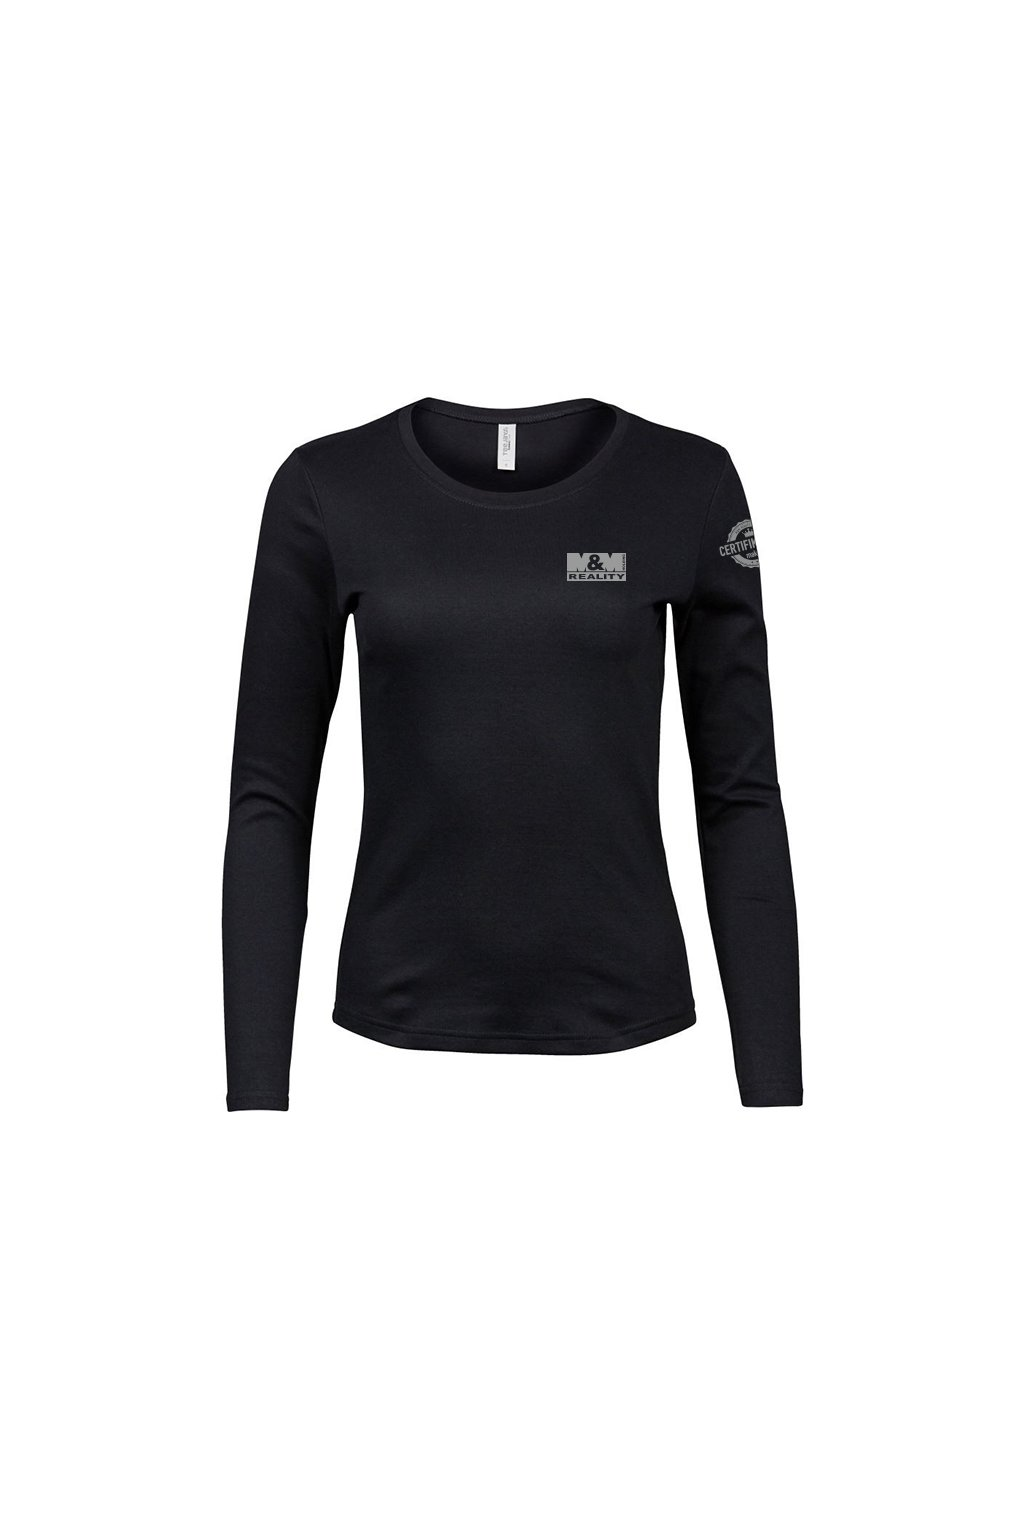 Dámské tričko s dlouhým rukávem TEE JAYS 0590 - Certifikovaný makléř